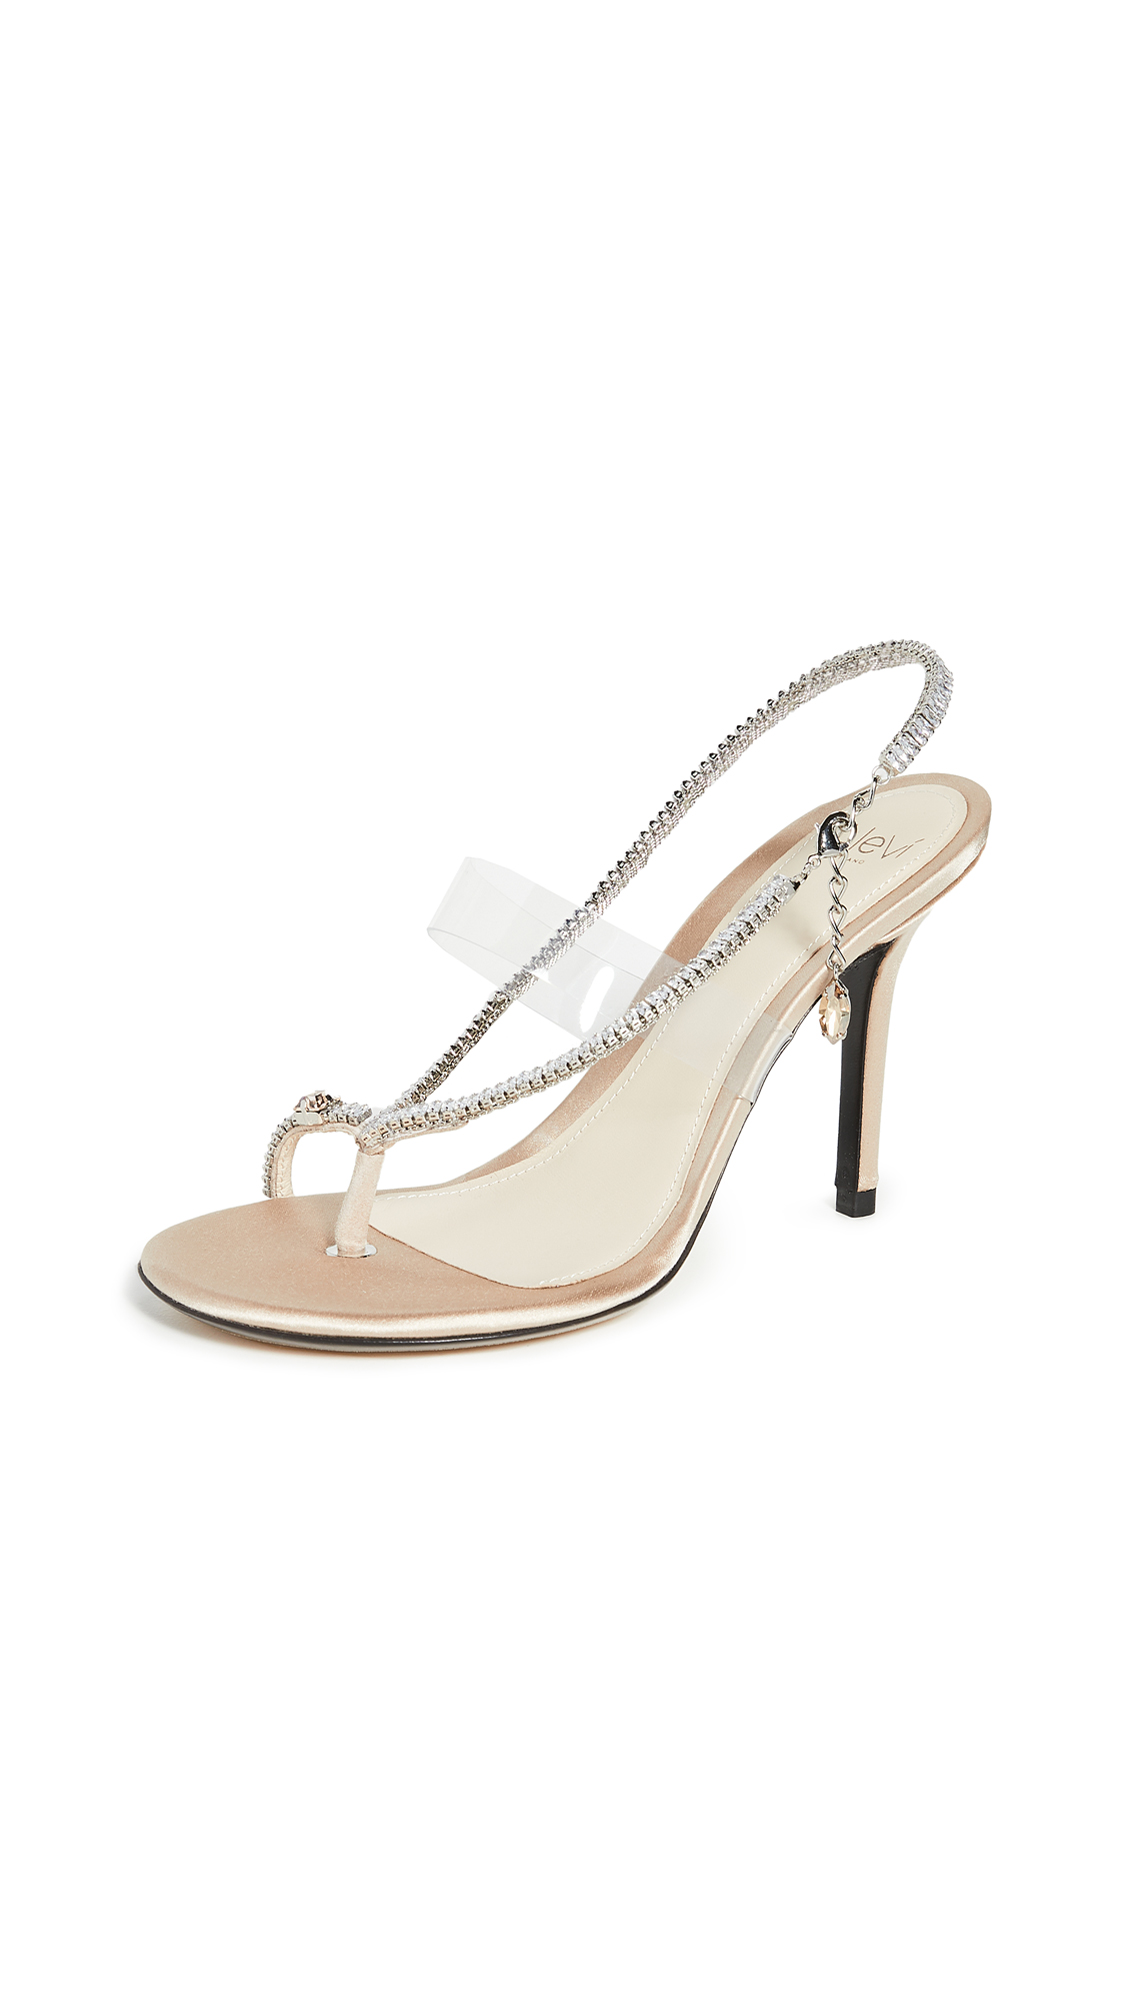 Buy Alevi Milano Muriel Sandals online, shop Alevi Milano